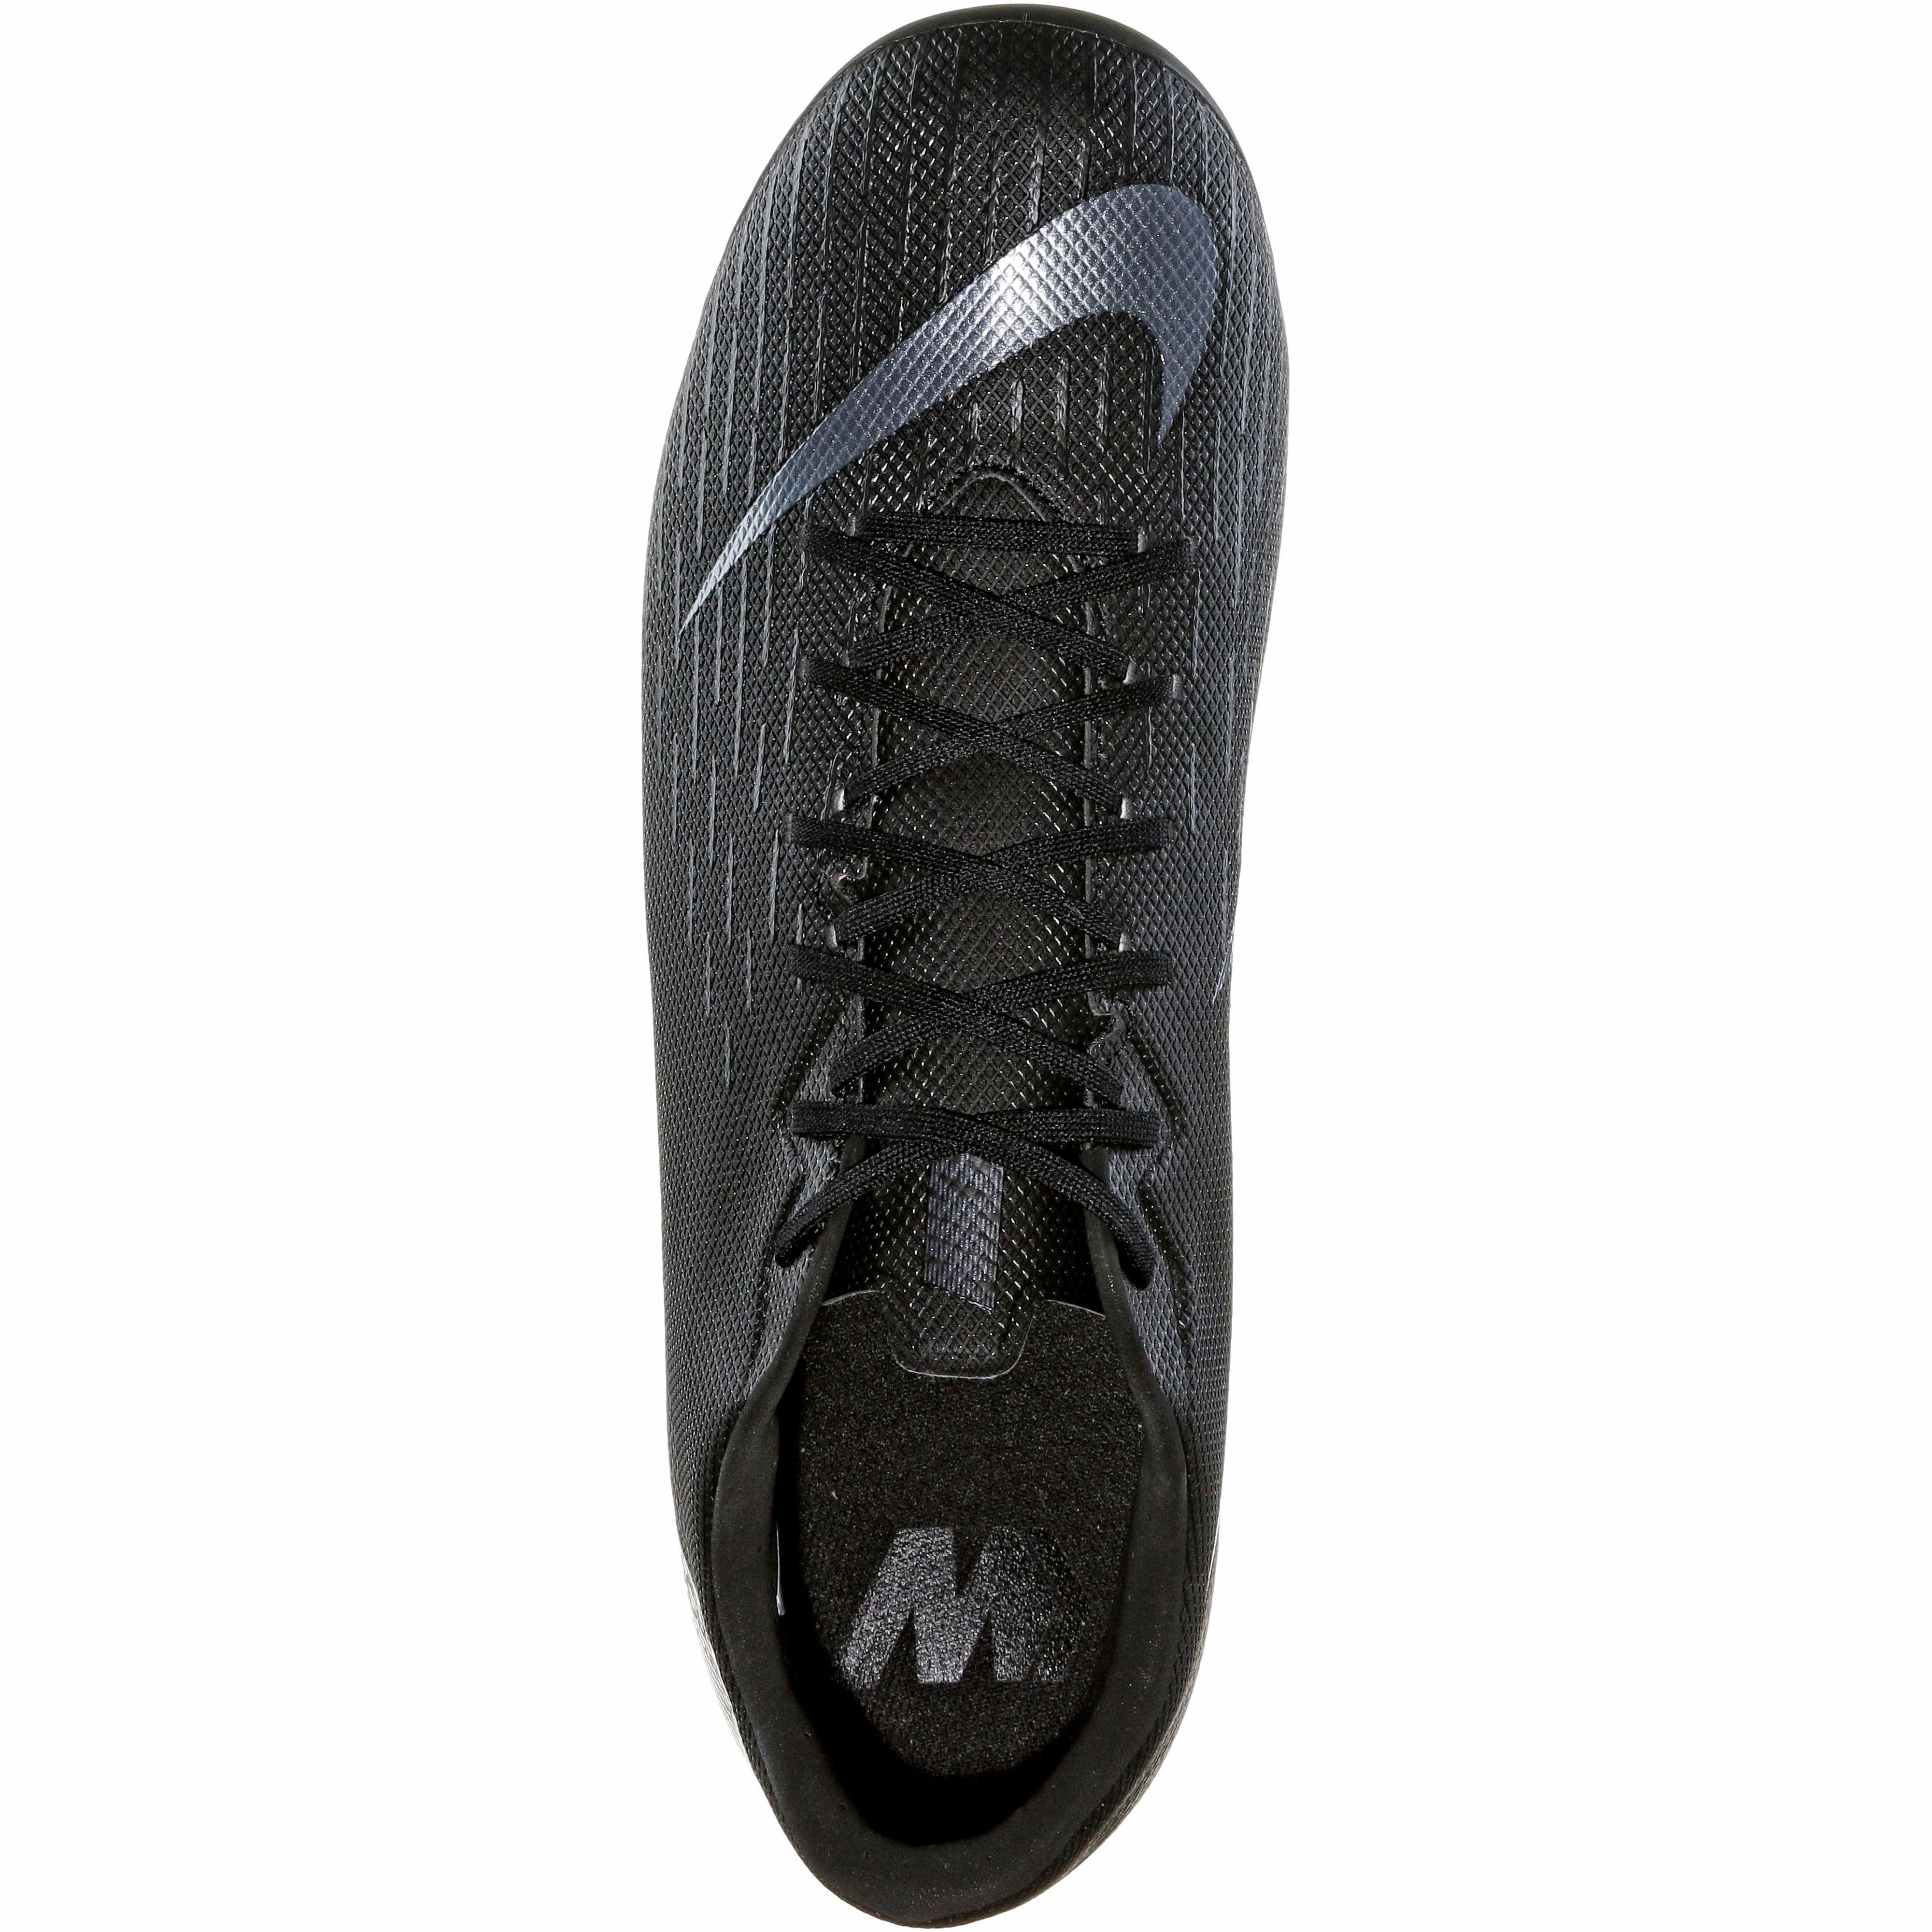 Nike MERCURIAL VAPOR 12 ACADEMY MG Fußballschuhe schwarz-anthracite-schwarz-lt crimson crimson crimson im Online Shop von SportScheck kaufen Gute Qualität beliebte Schuhe 16c223